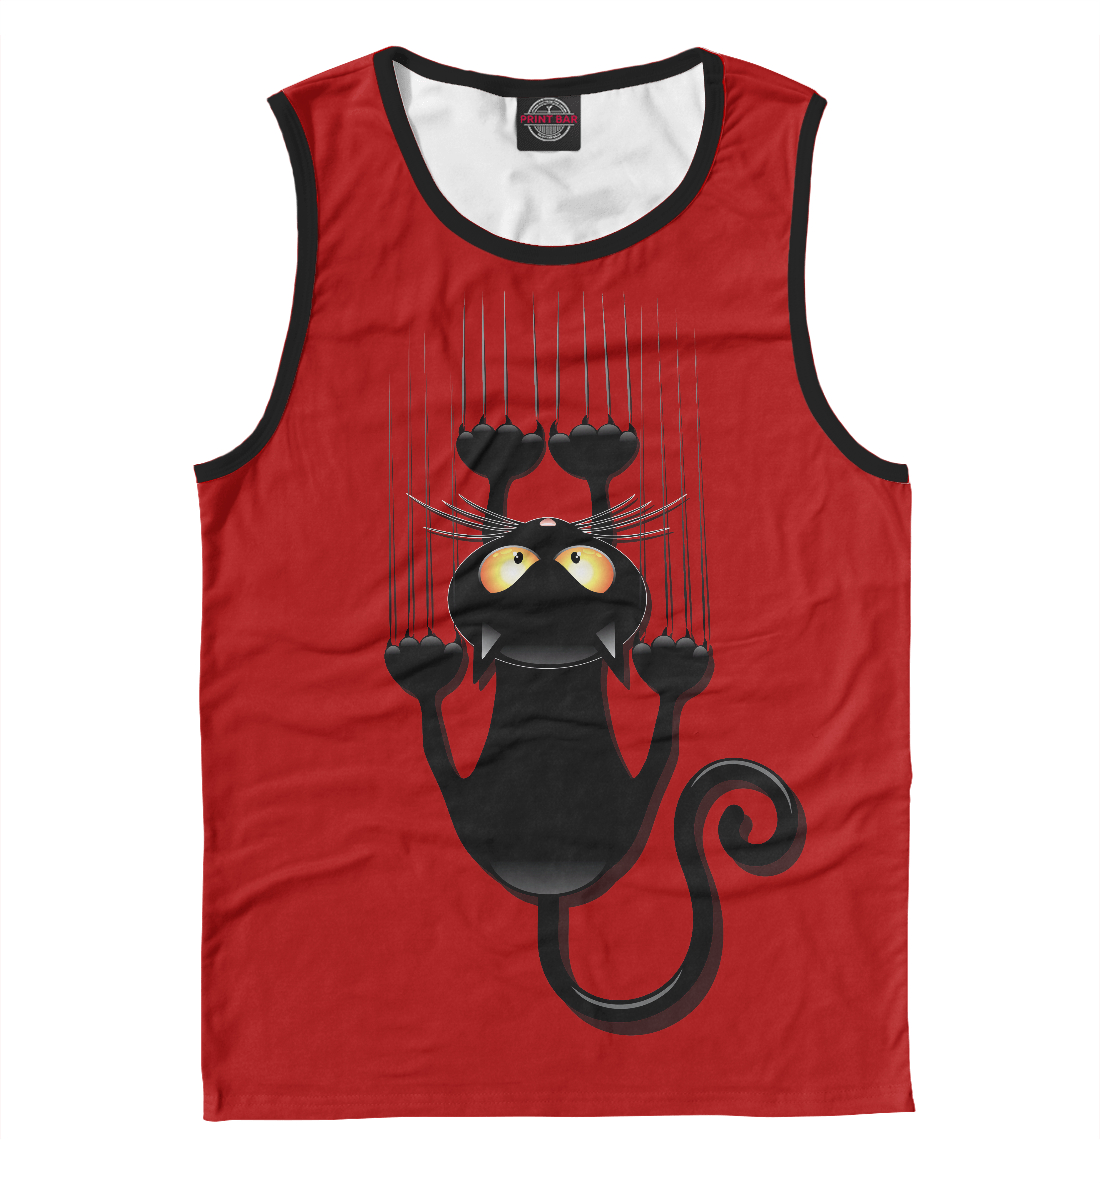 Черный кот, Printbar, Майки, NDP-848319-may-2  - купить со скидкой